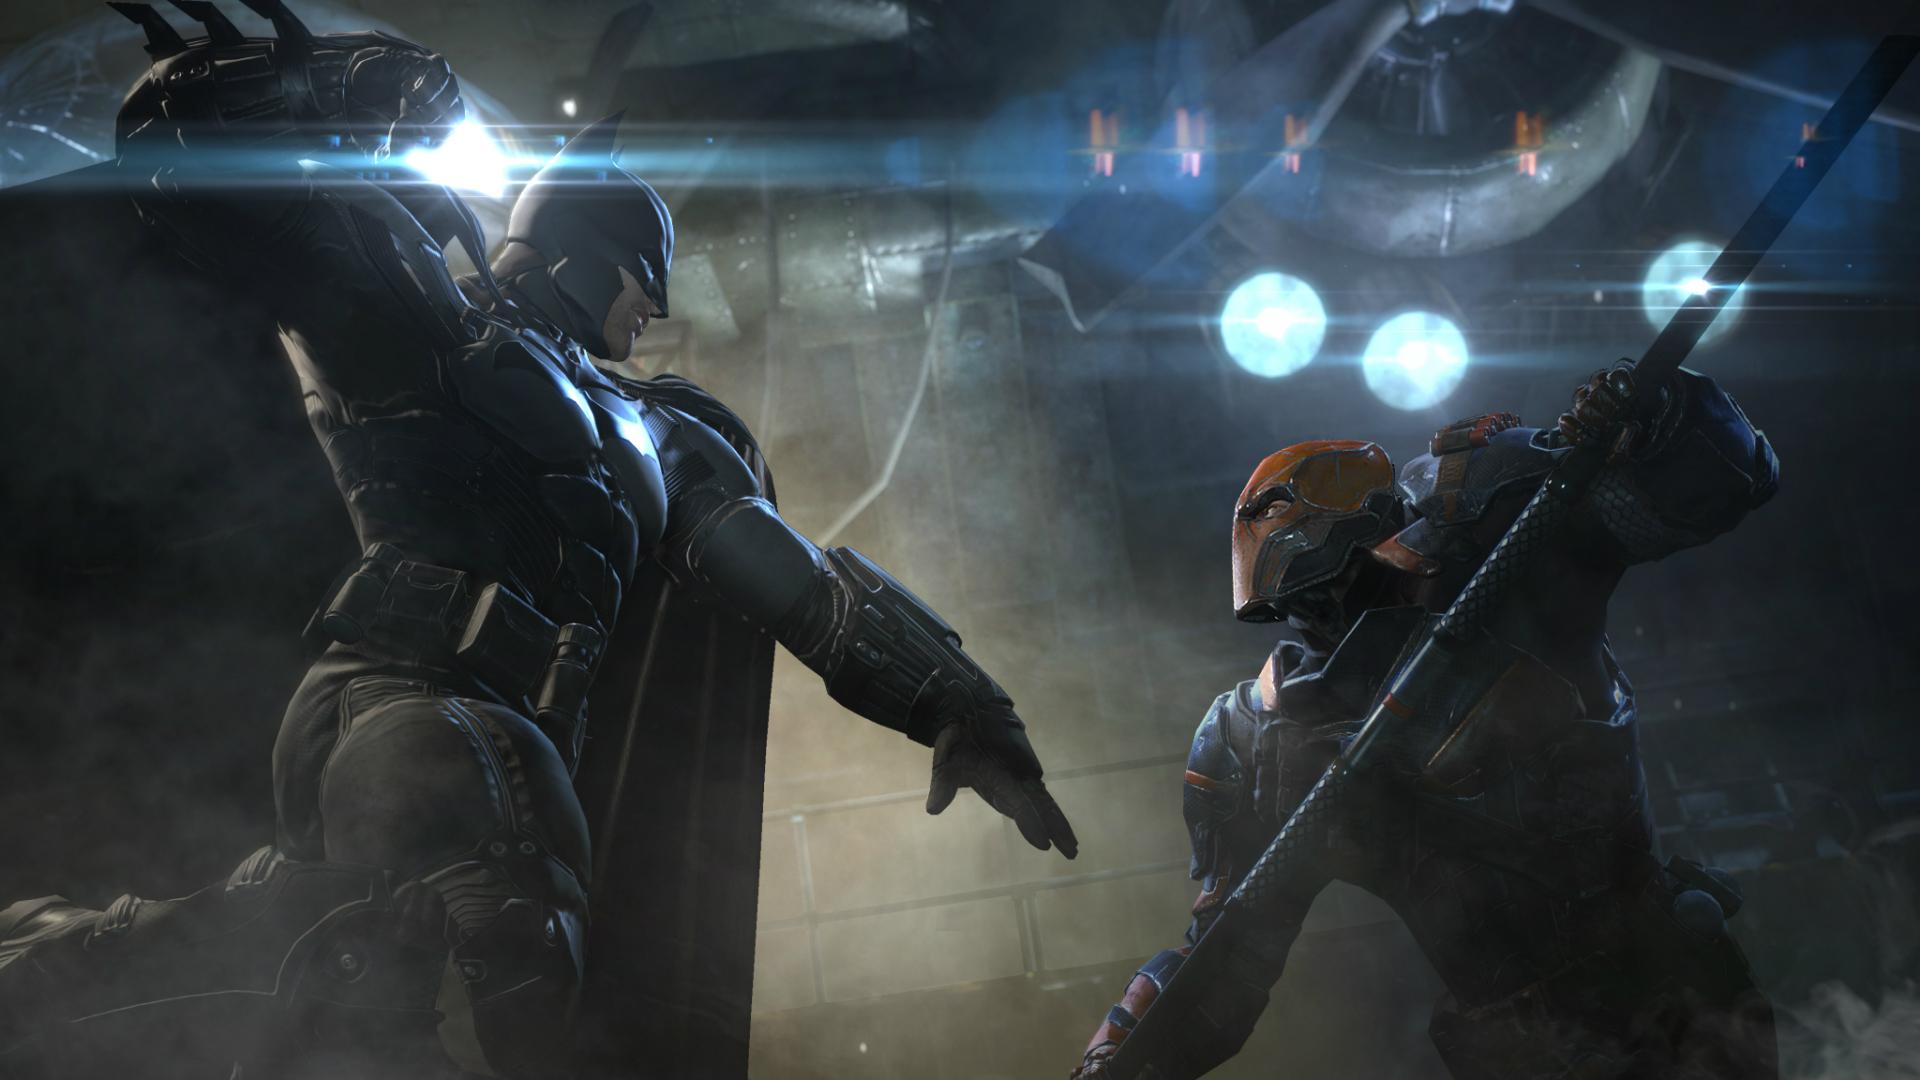 http://img3.wikia.nocookie.net/__cb20130805195305/batman/images/c/cf/Batman_versus_Deathstroke.jpg